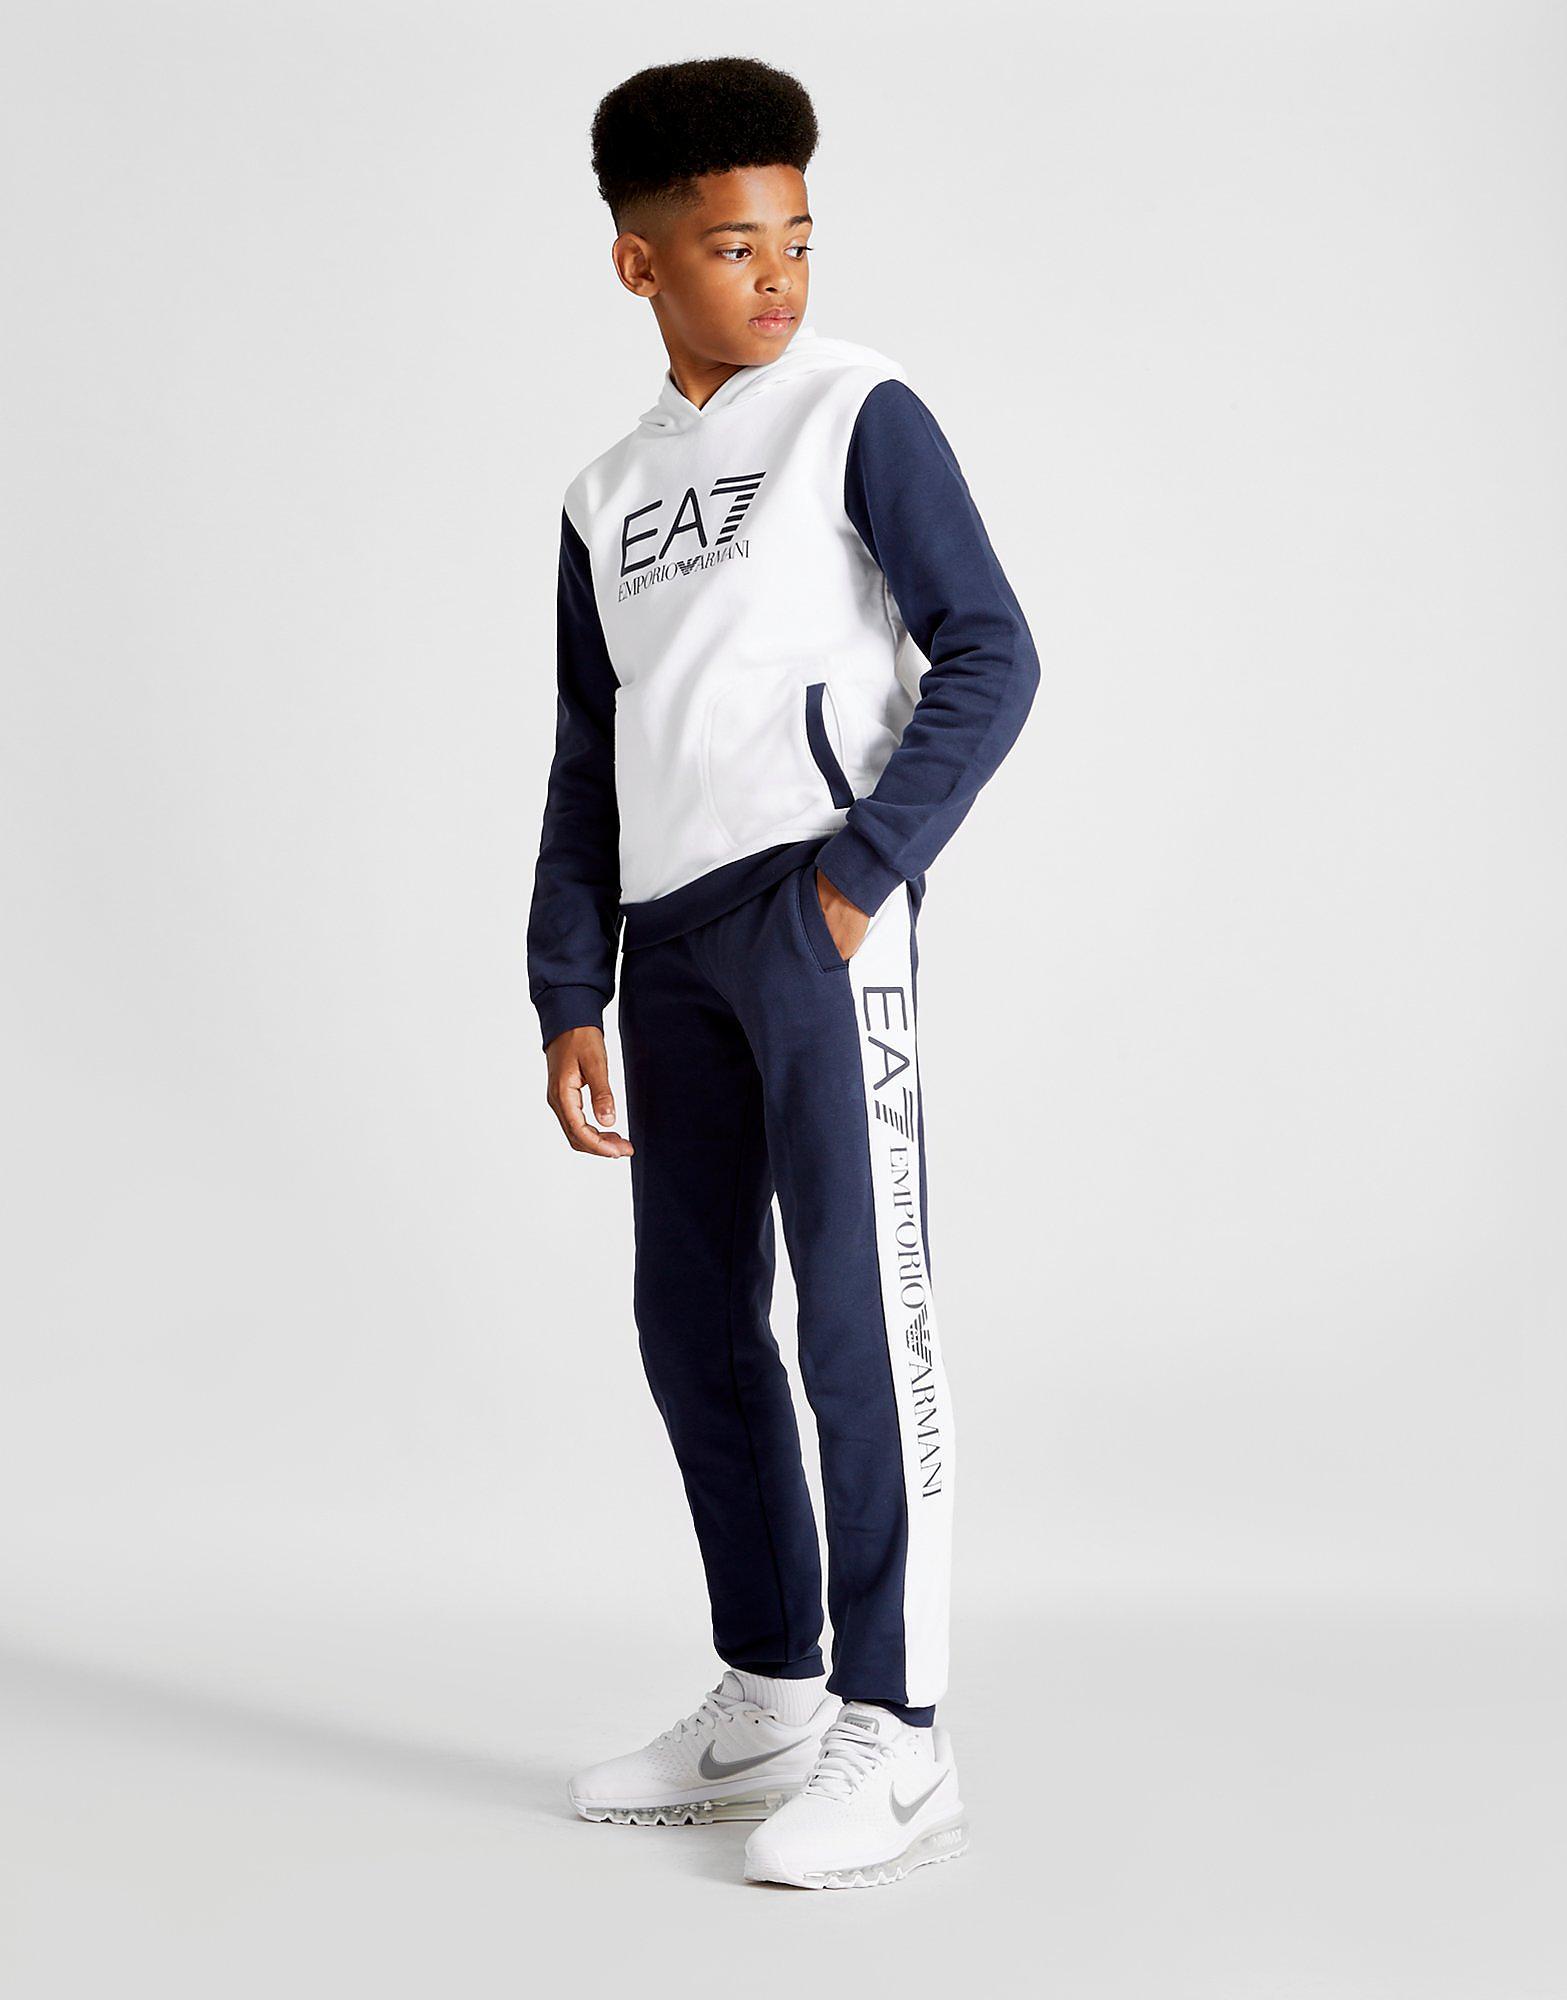 Emporio Armani EA7 Colourblock Fleece Suit Junior